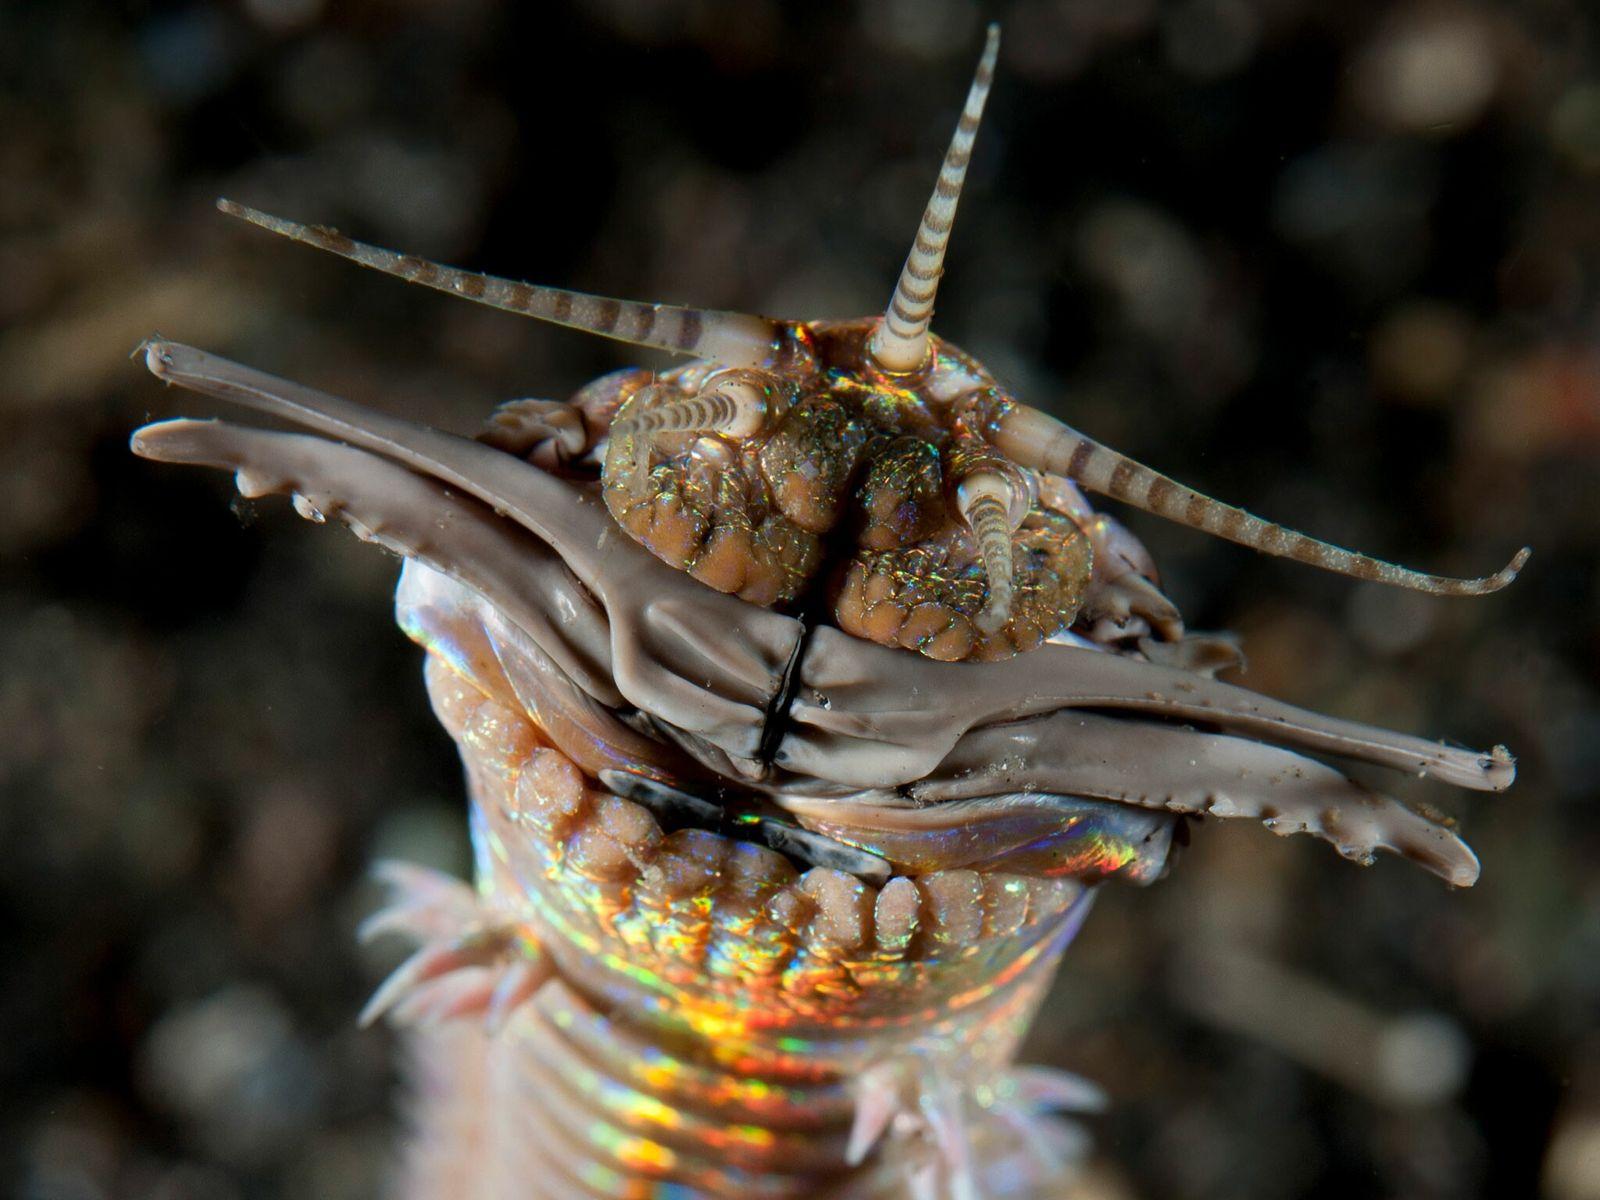 Gigantes vermes predadores vivem sob o solo marinho há mais de 20 milhões de anos, revelam fósseis